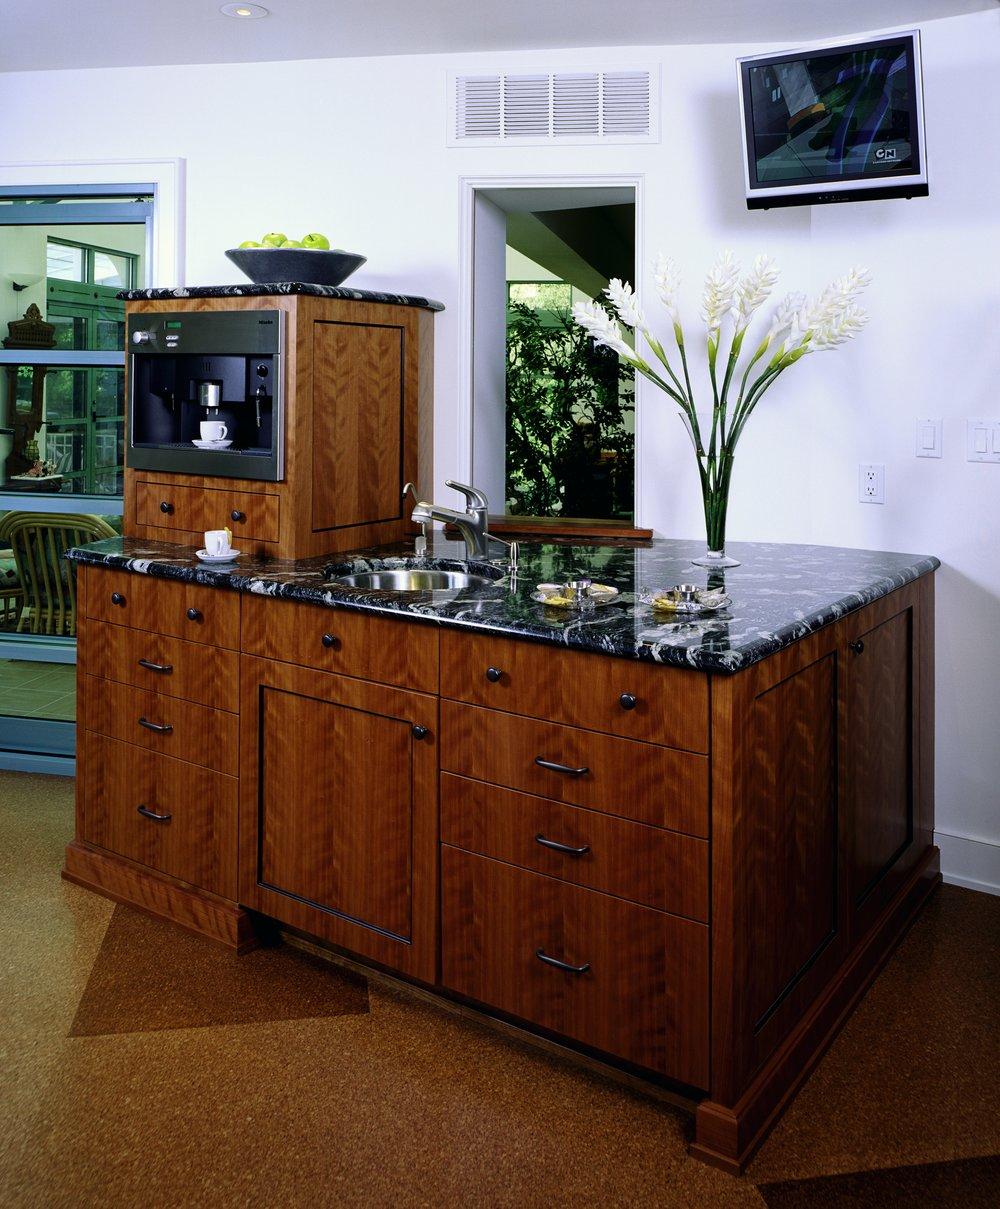 KBC_kitchen_bath_concepts_Kitchen_8.jpg